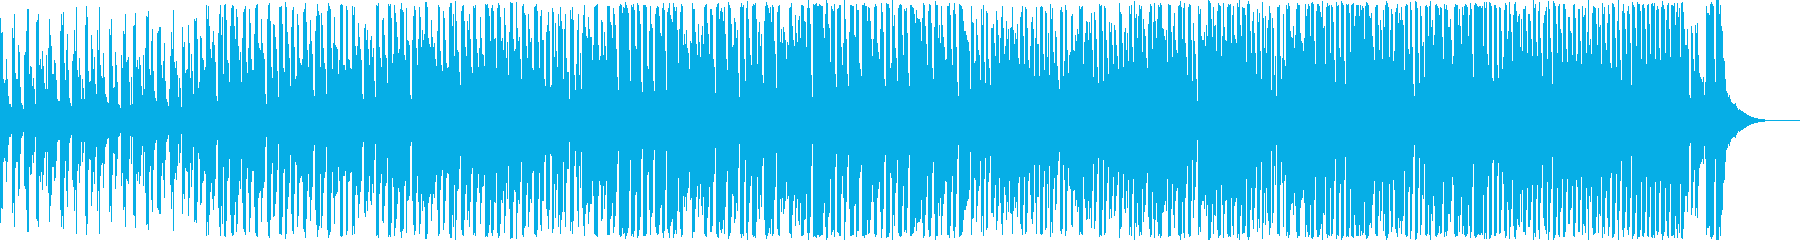 1分間クイズのアスレチックBGMの再生済みの波形